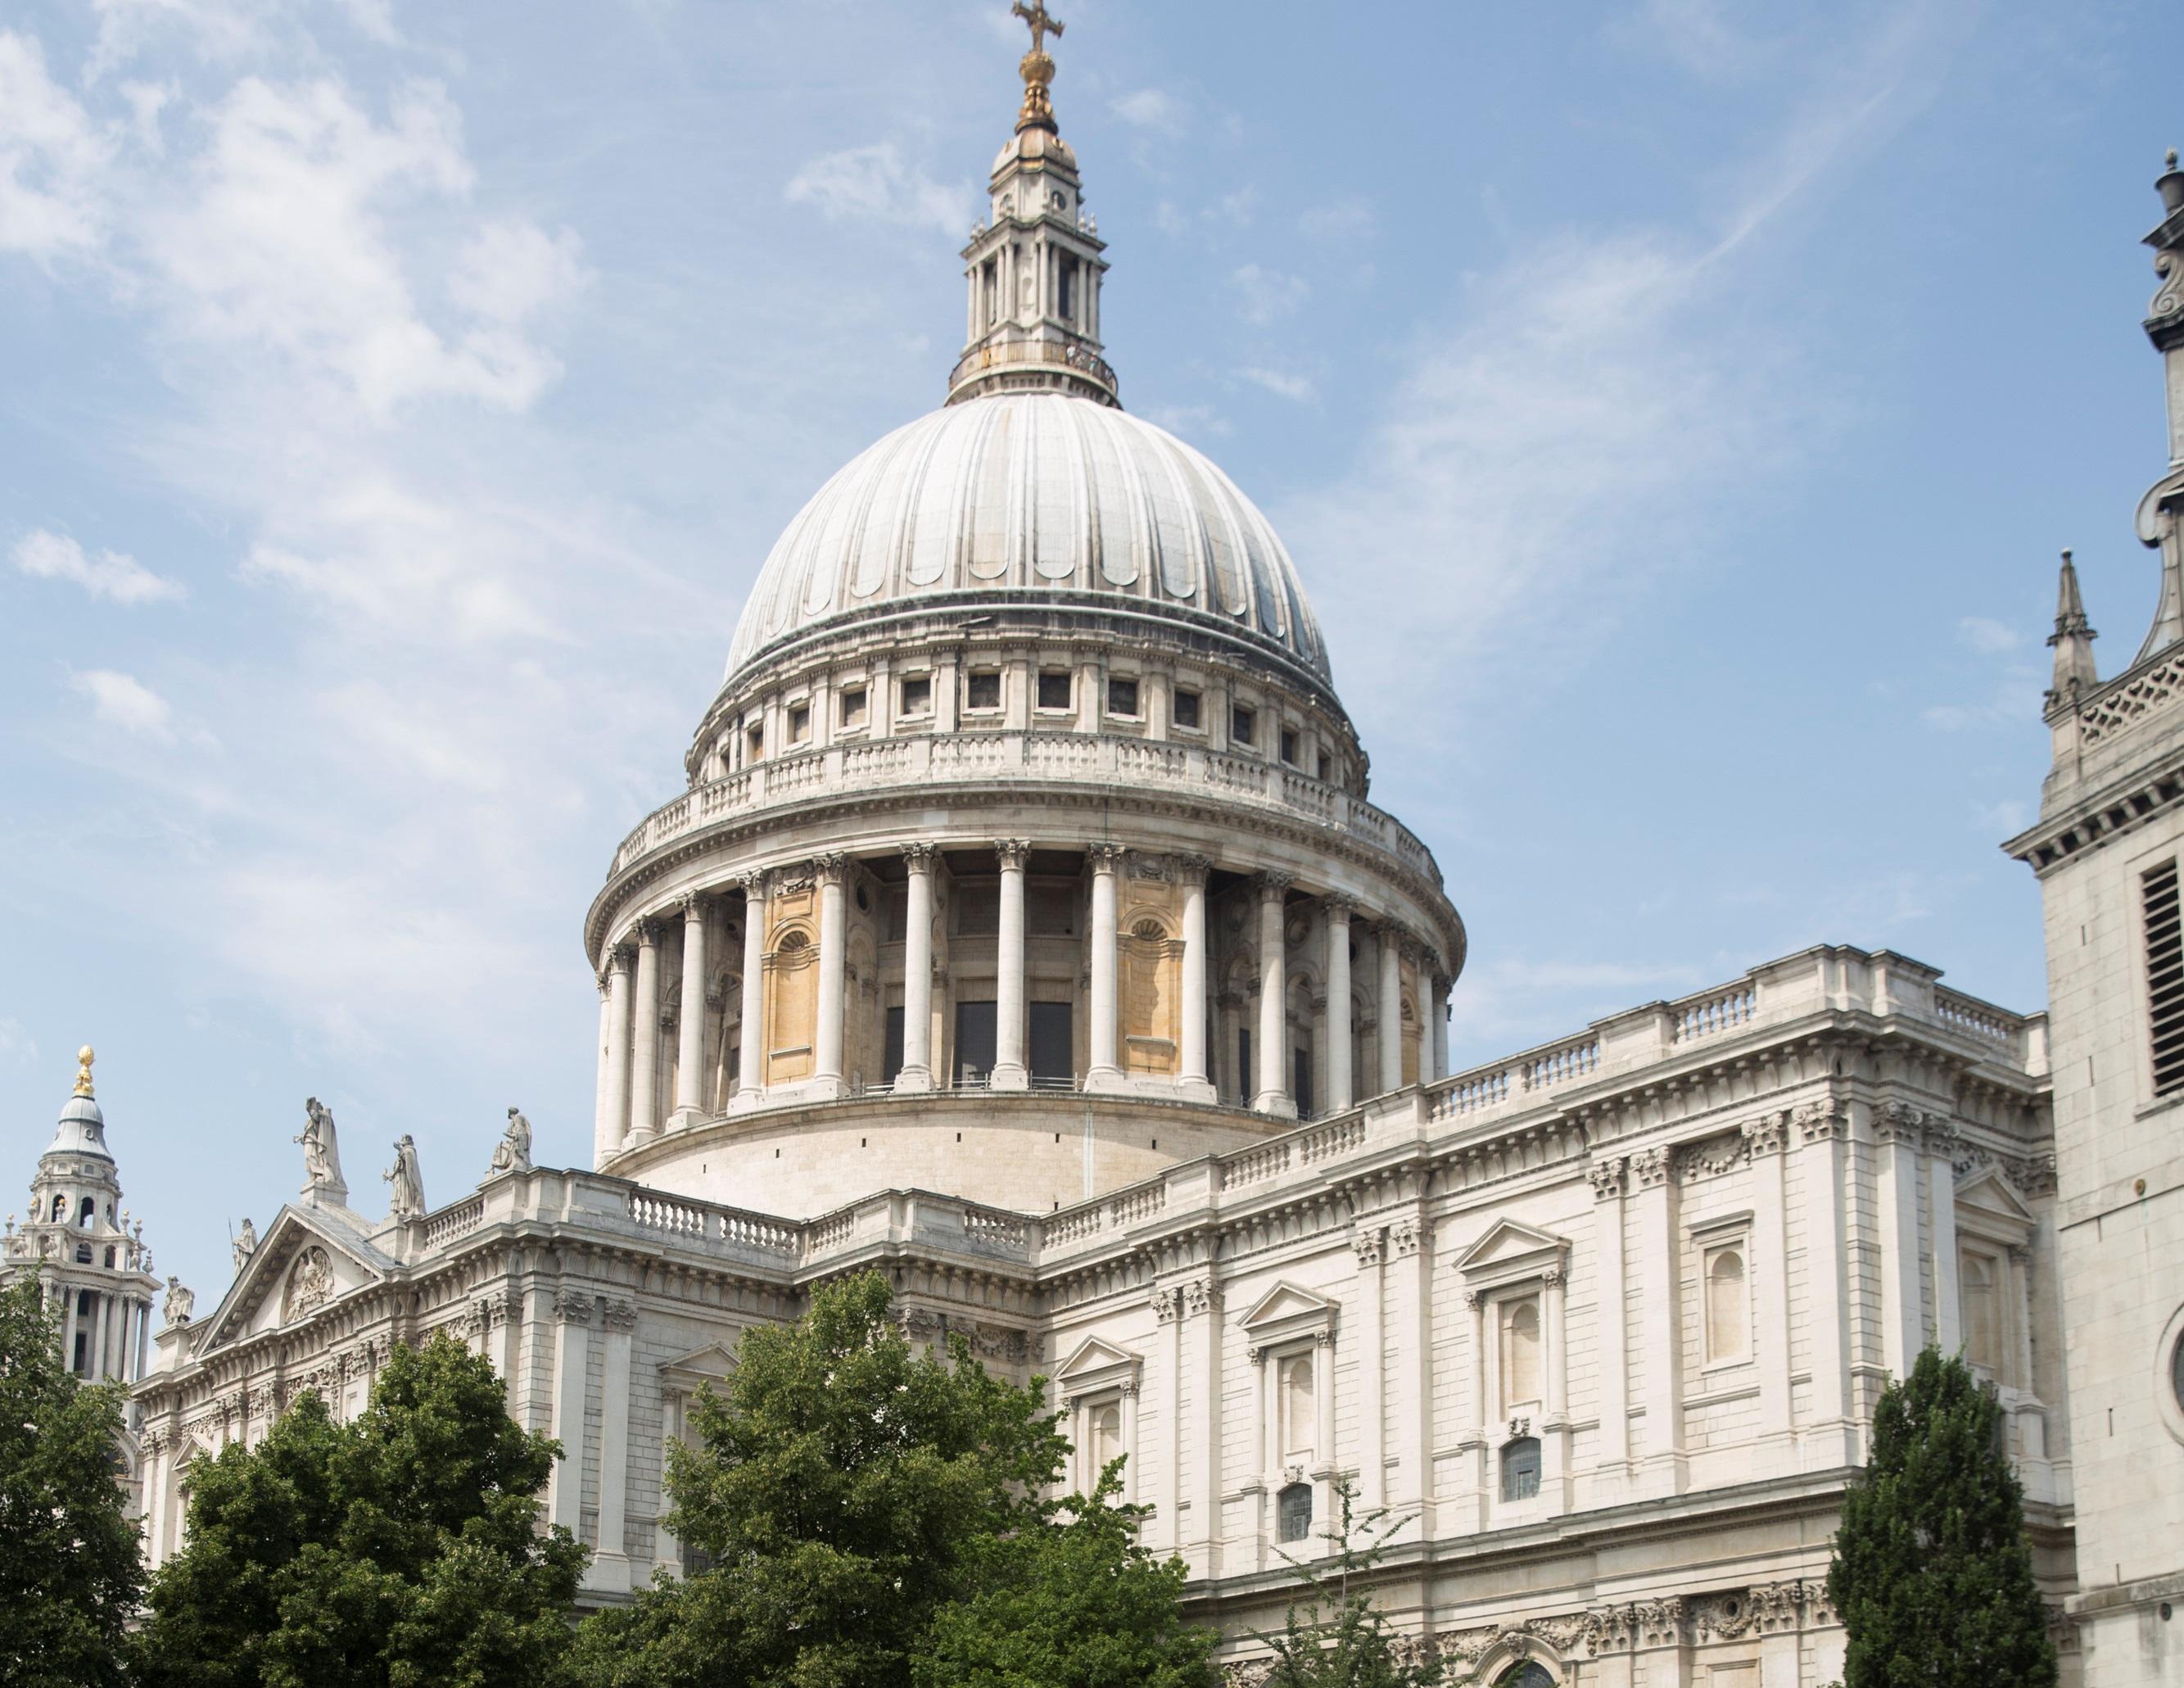 Και όμως είναι αλήθεια! Υπάρχει και δεύτερος Καθεδρικός του Αγίου Παύλου στο Λονδίνο